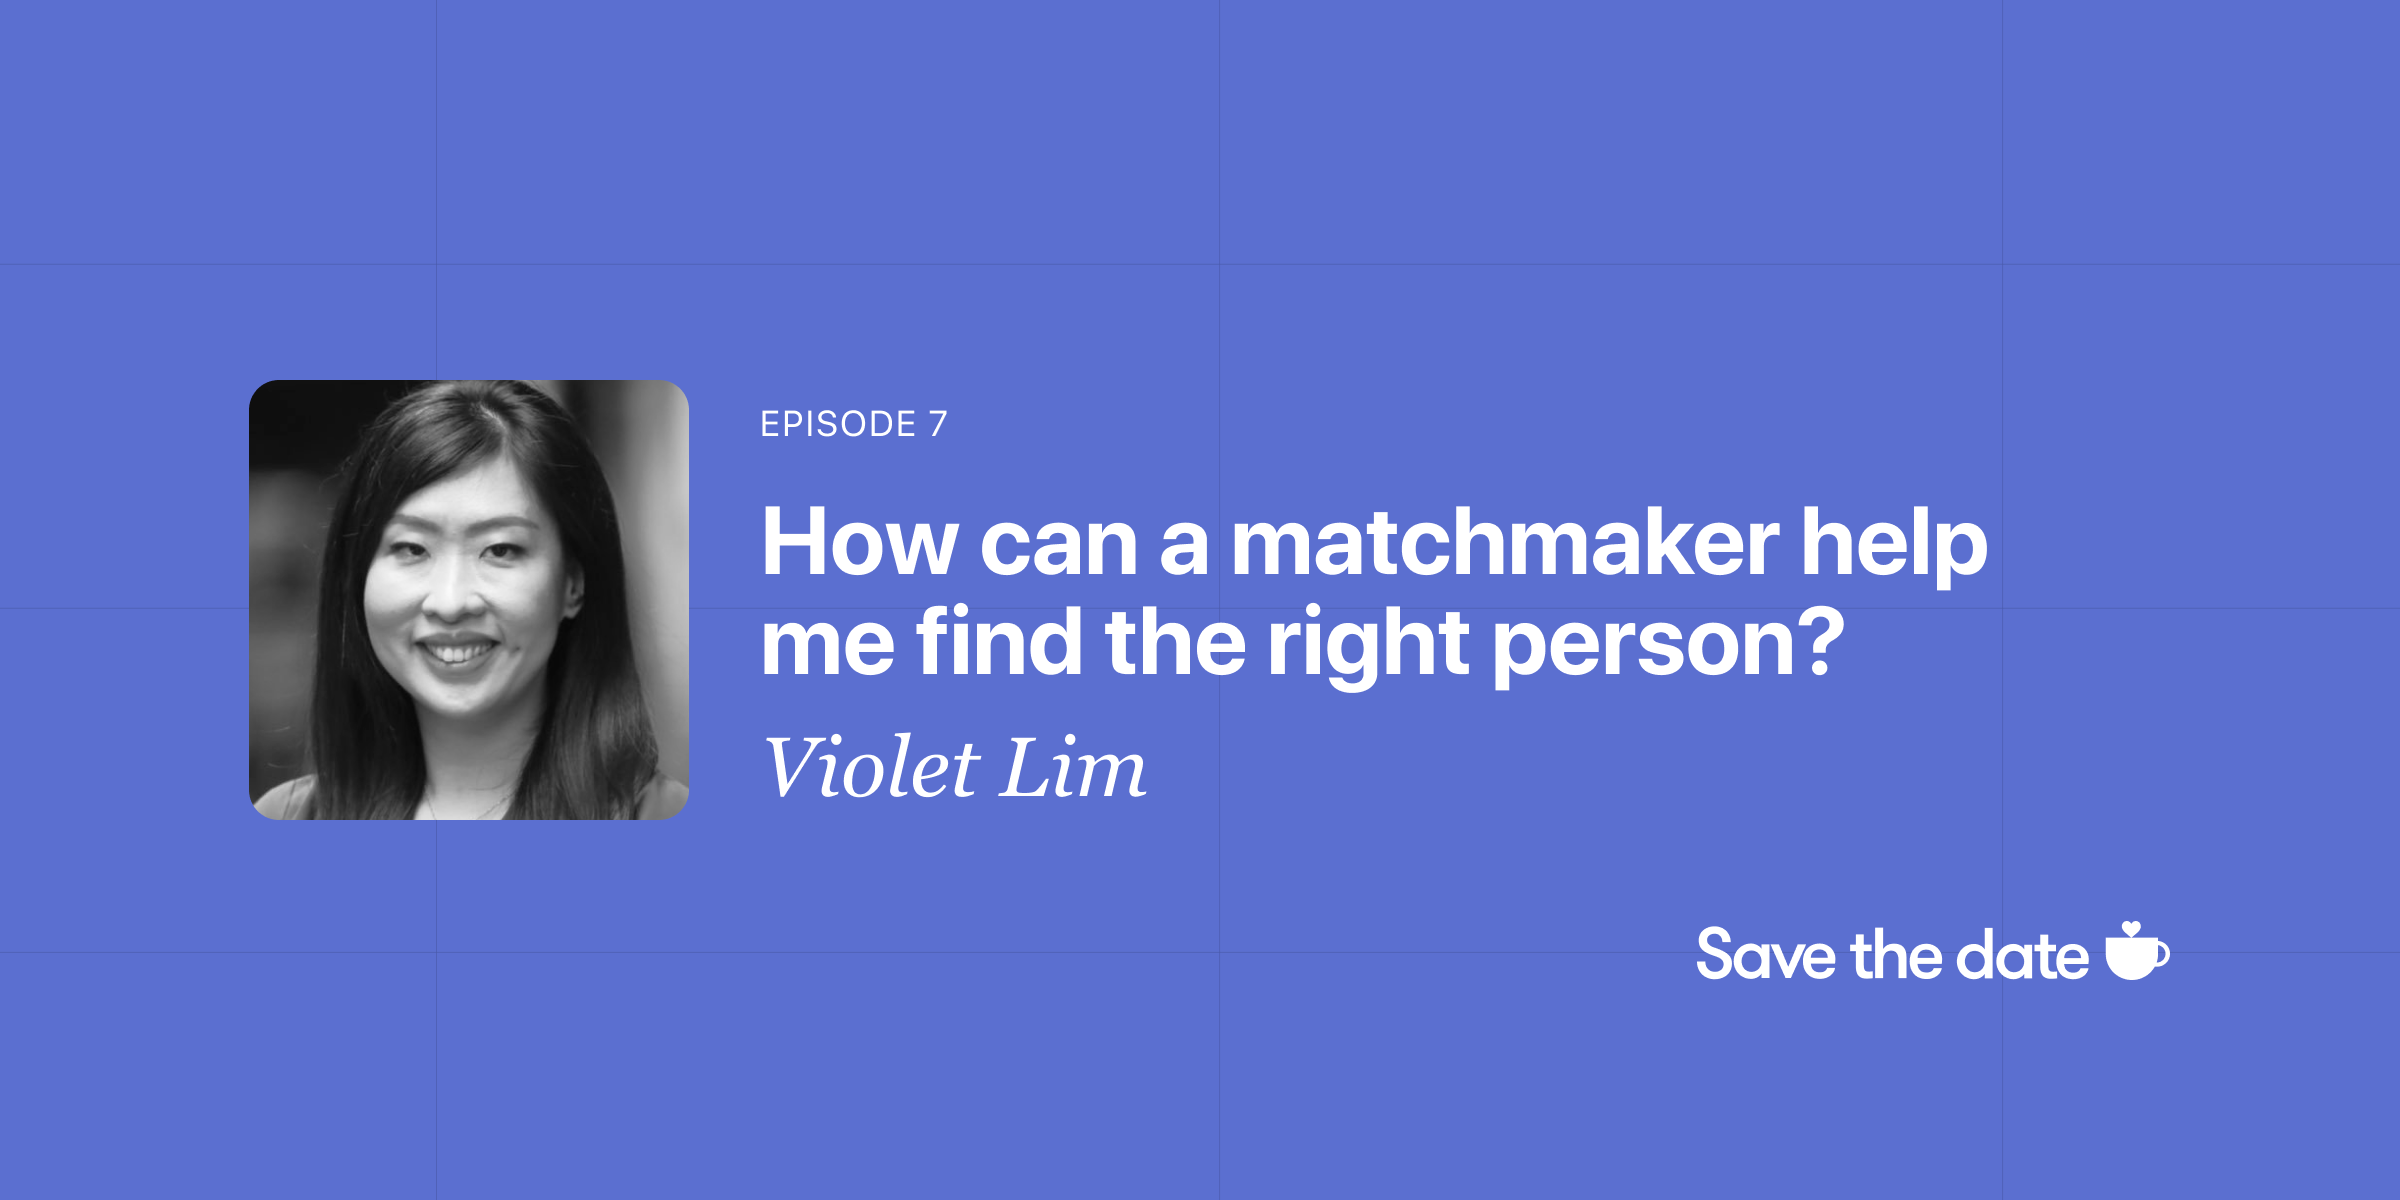 Violet Lim, Episode 7